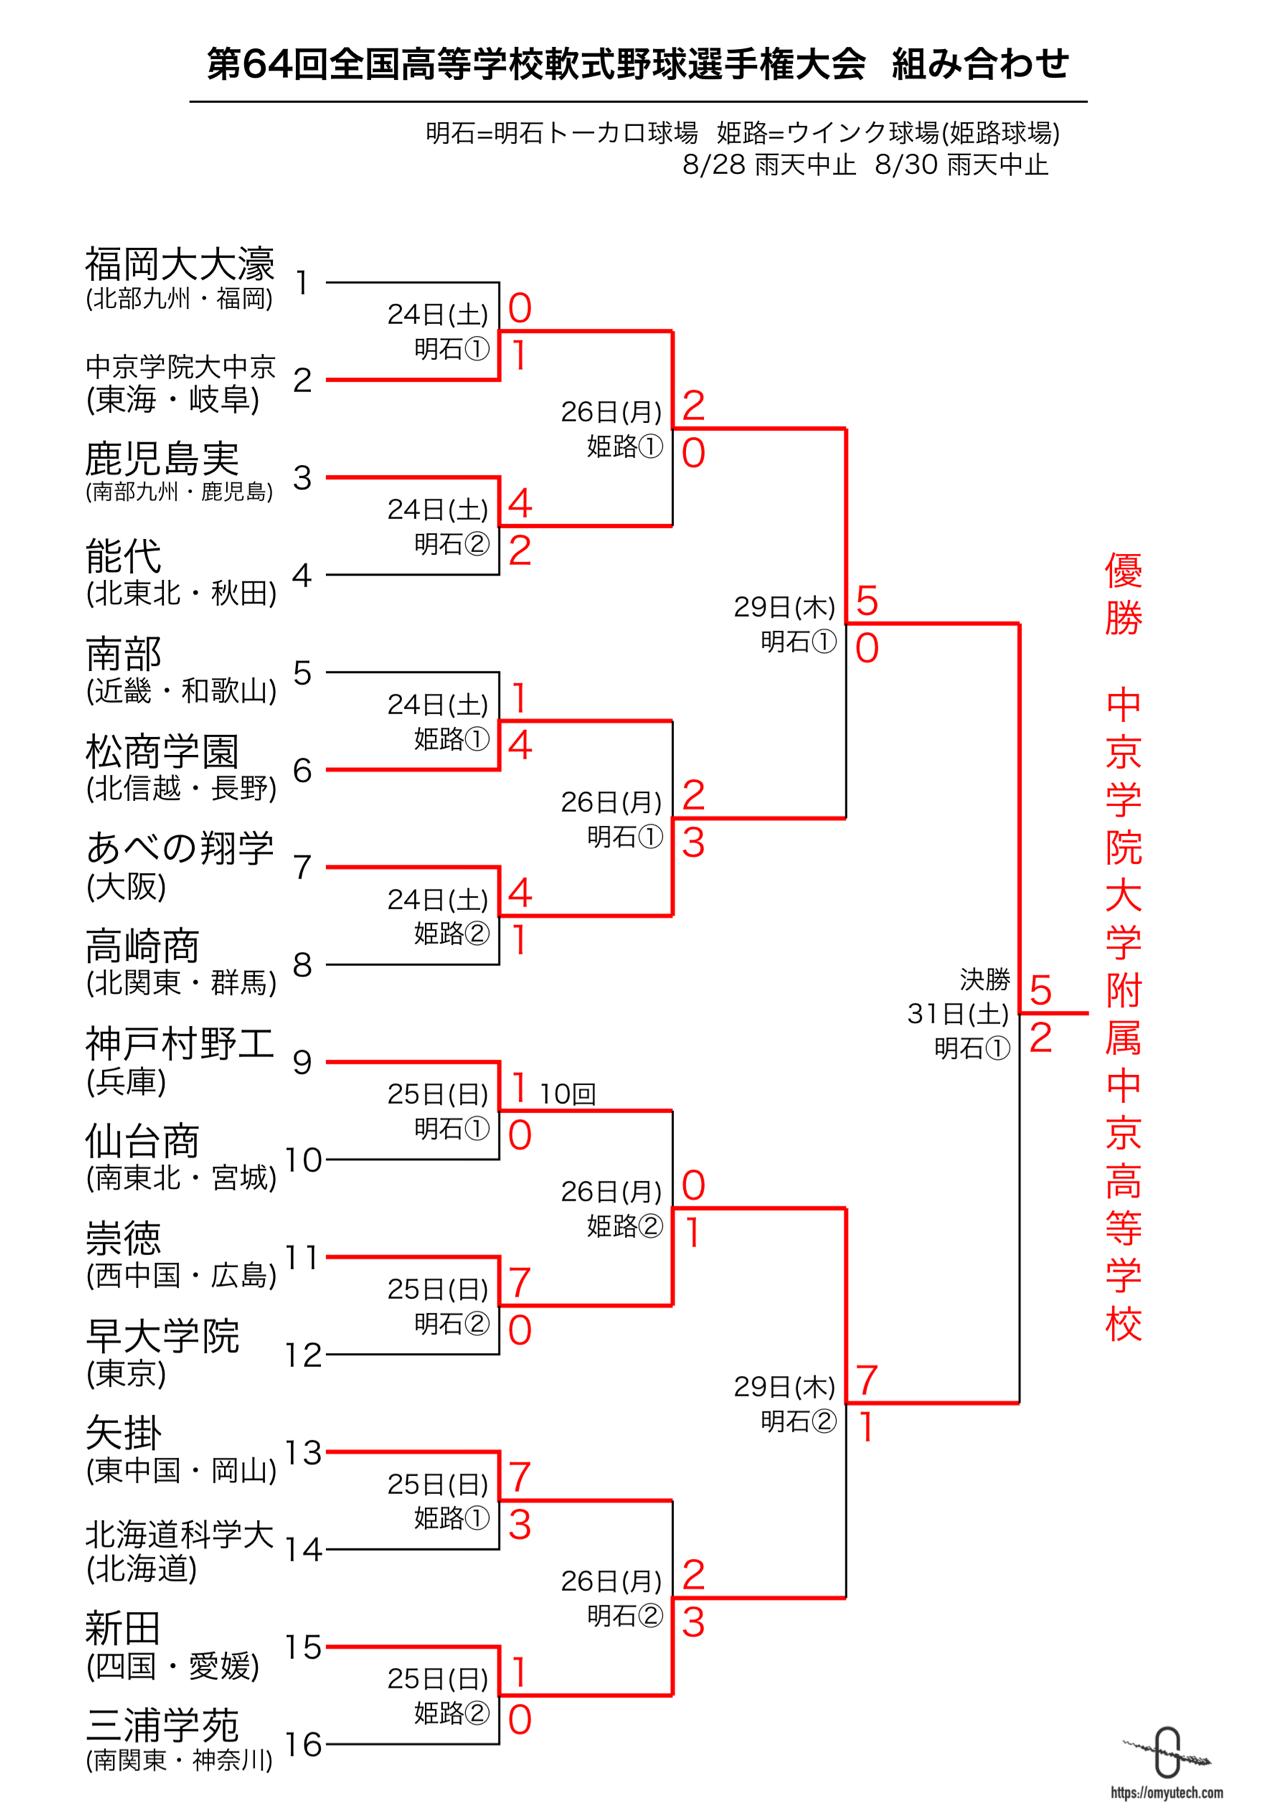 野球 関東 2020 高校 大会